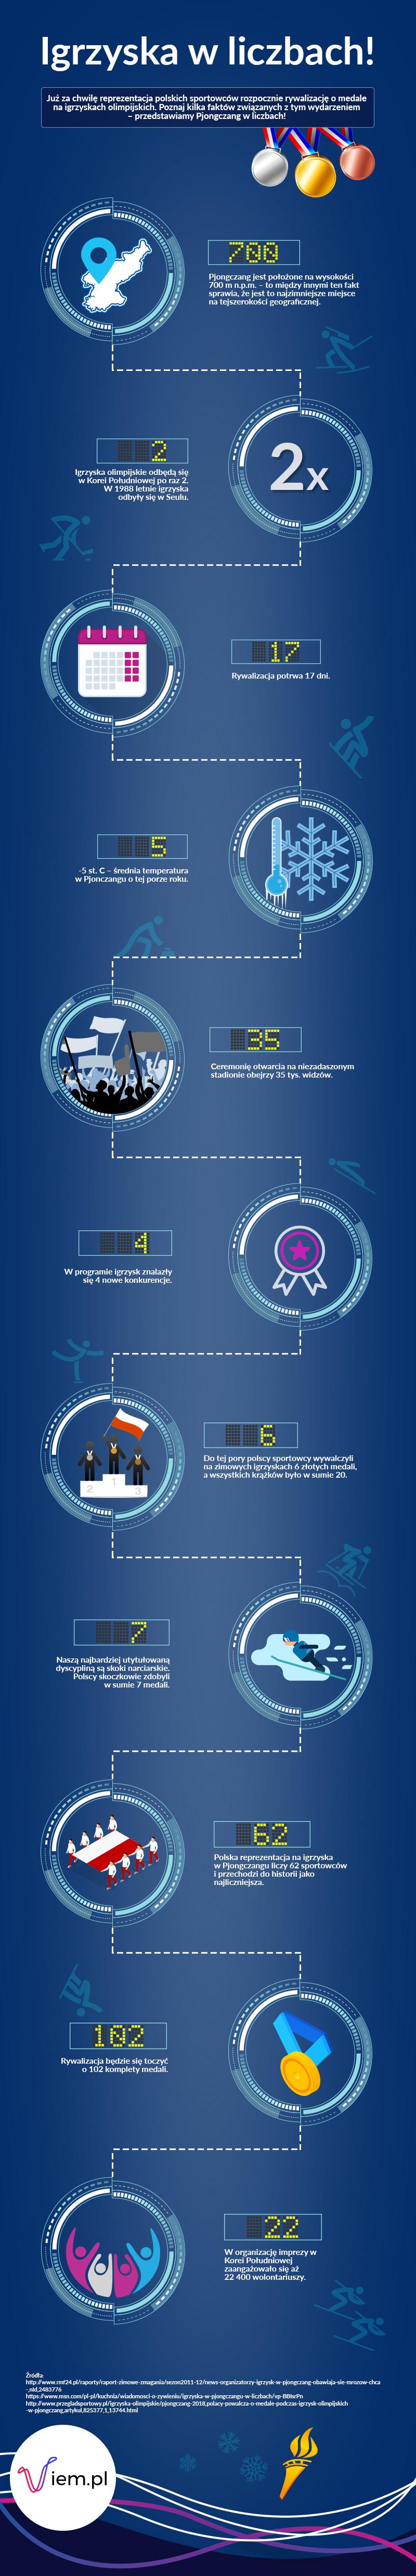 Infografika - igrzyska olimpijskie